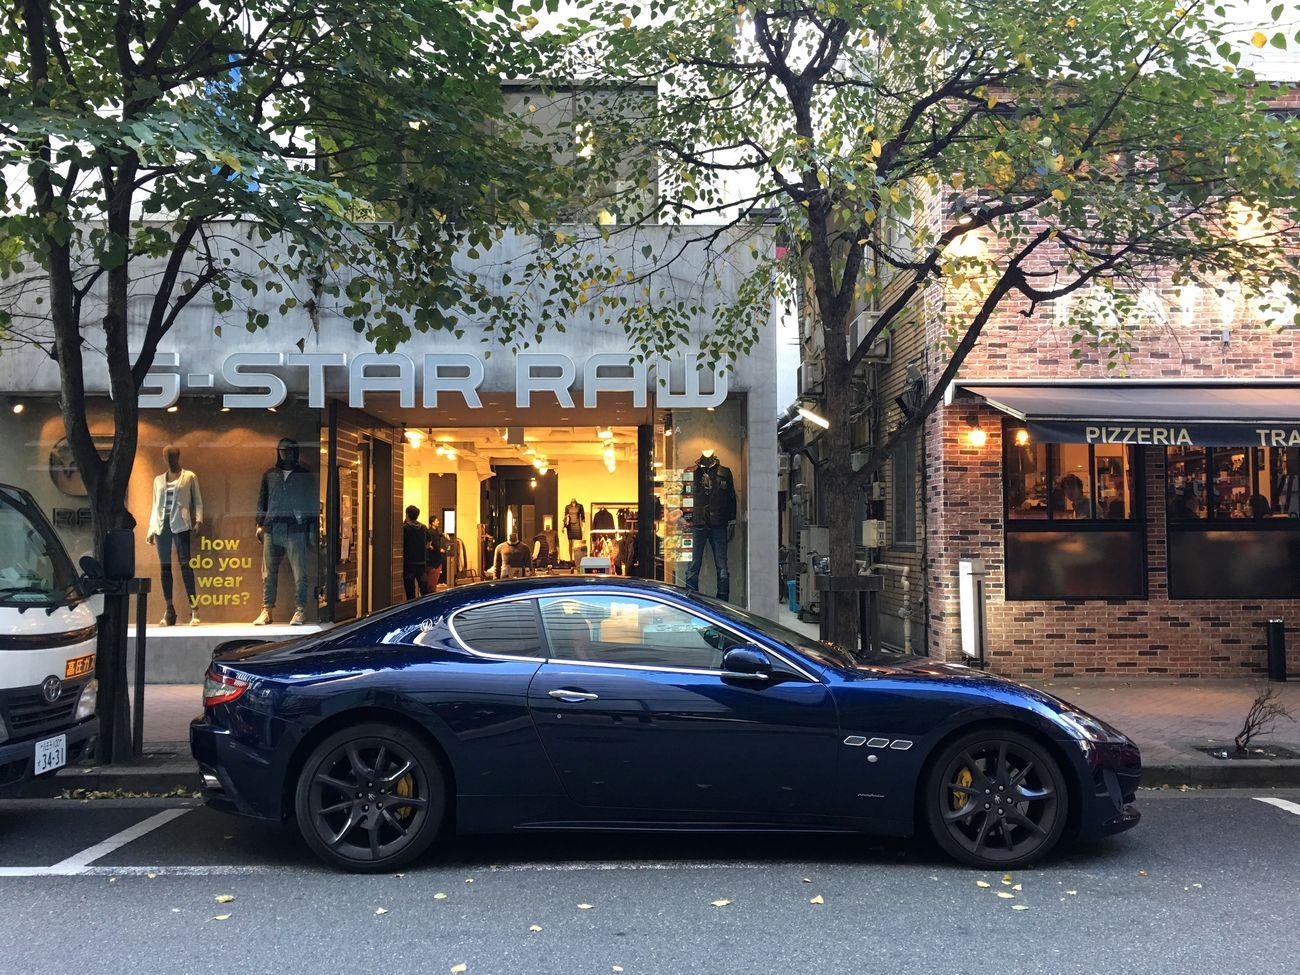 Maserati MASERATI Car